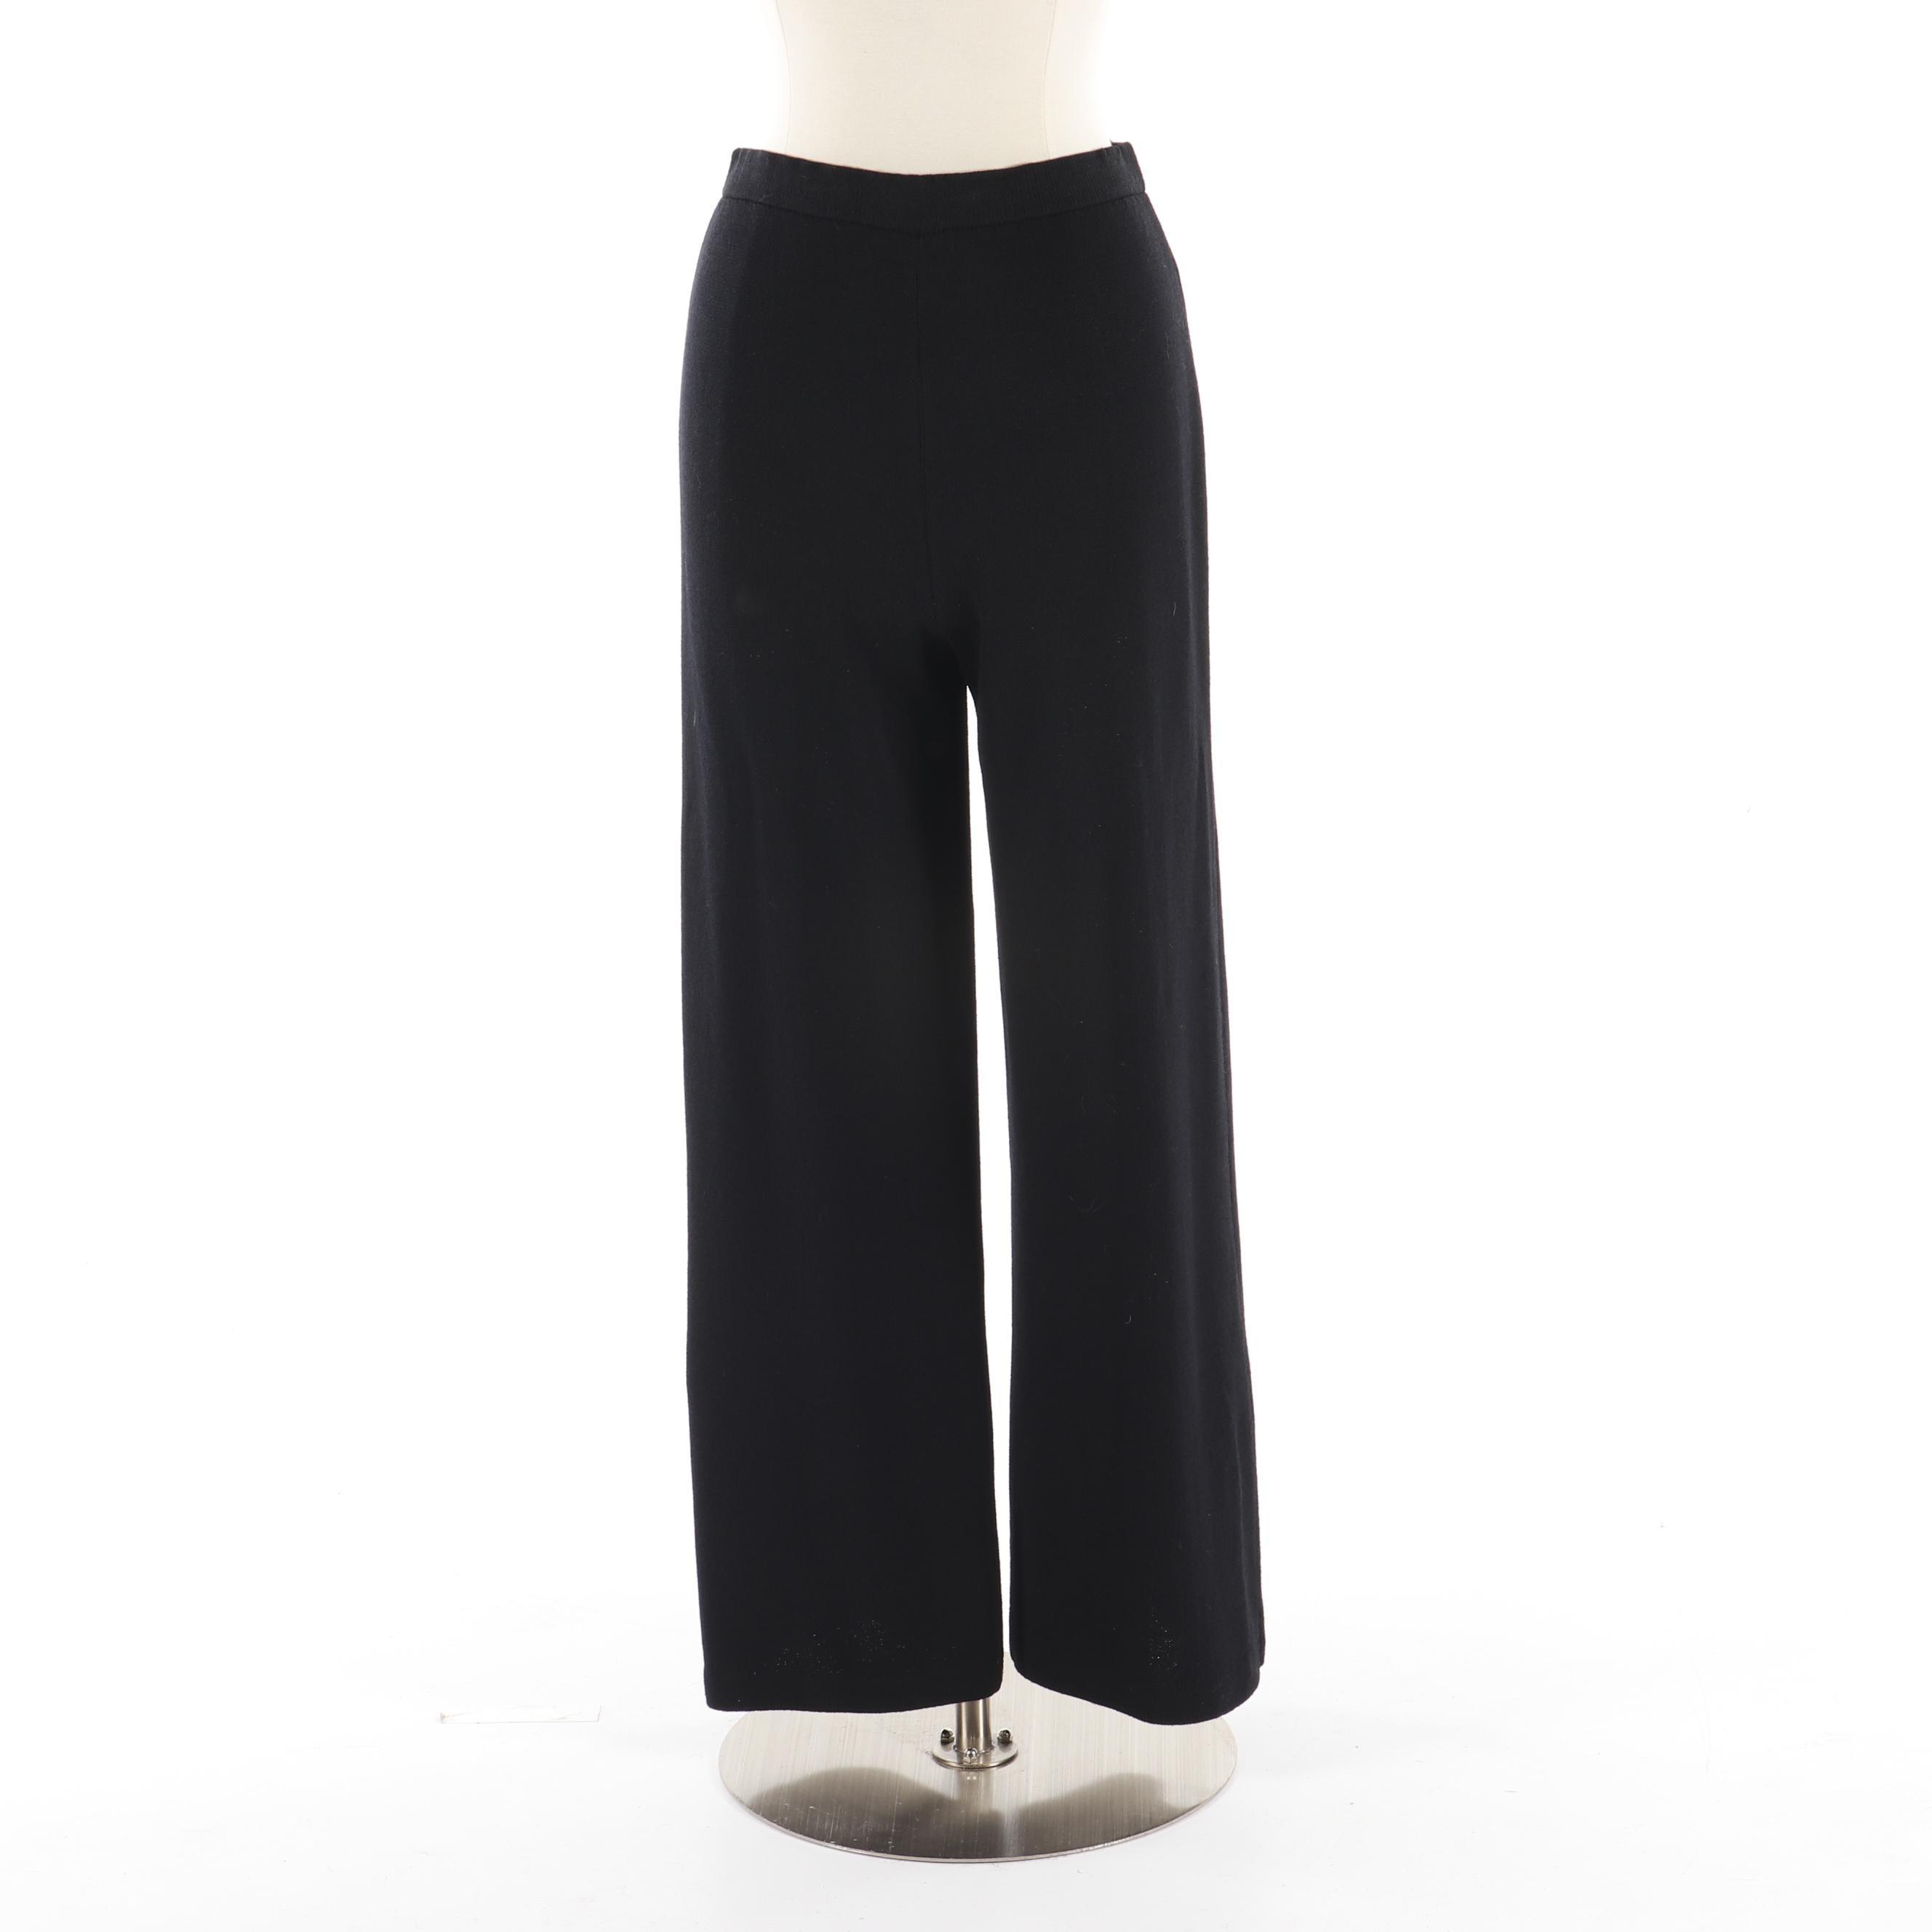 Women's St. John Evening Black Knit Pants